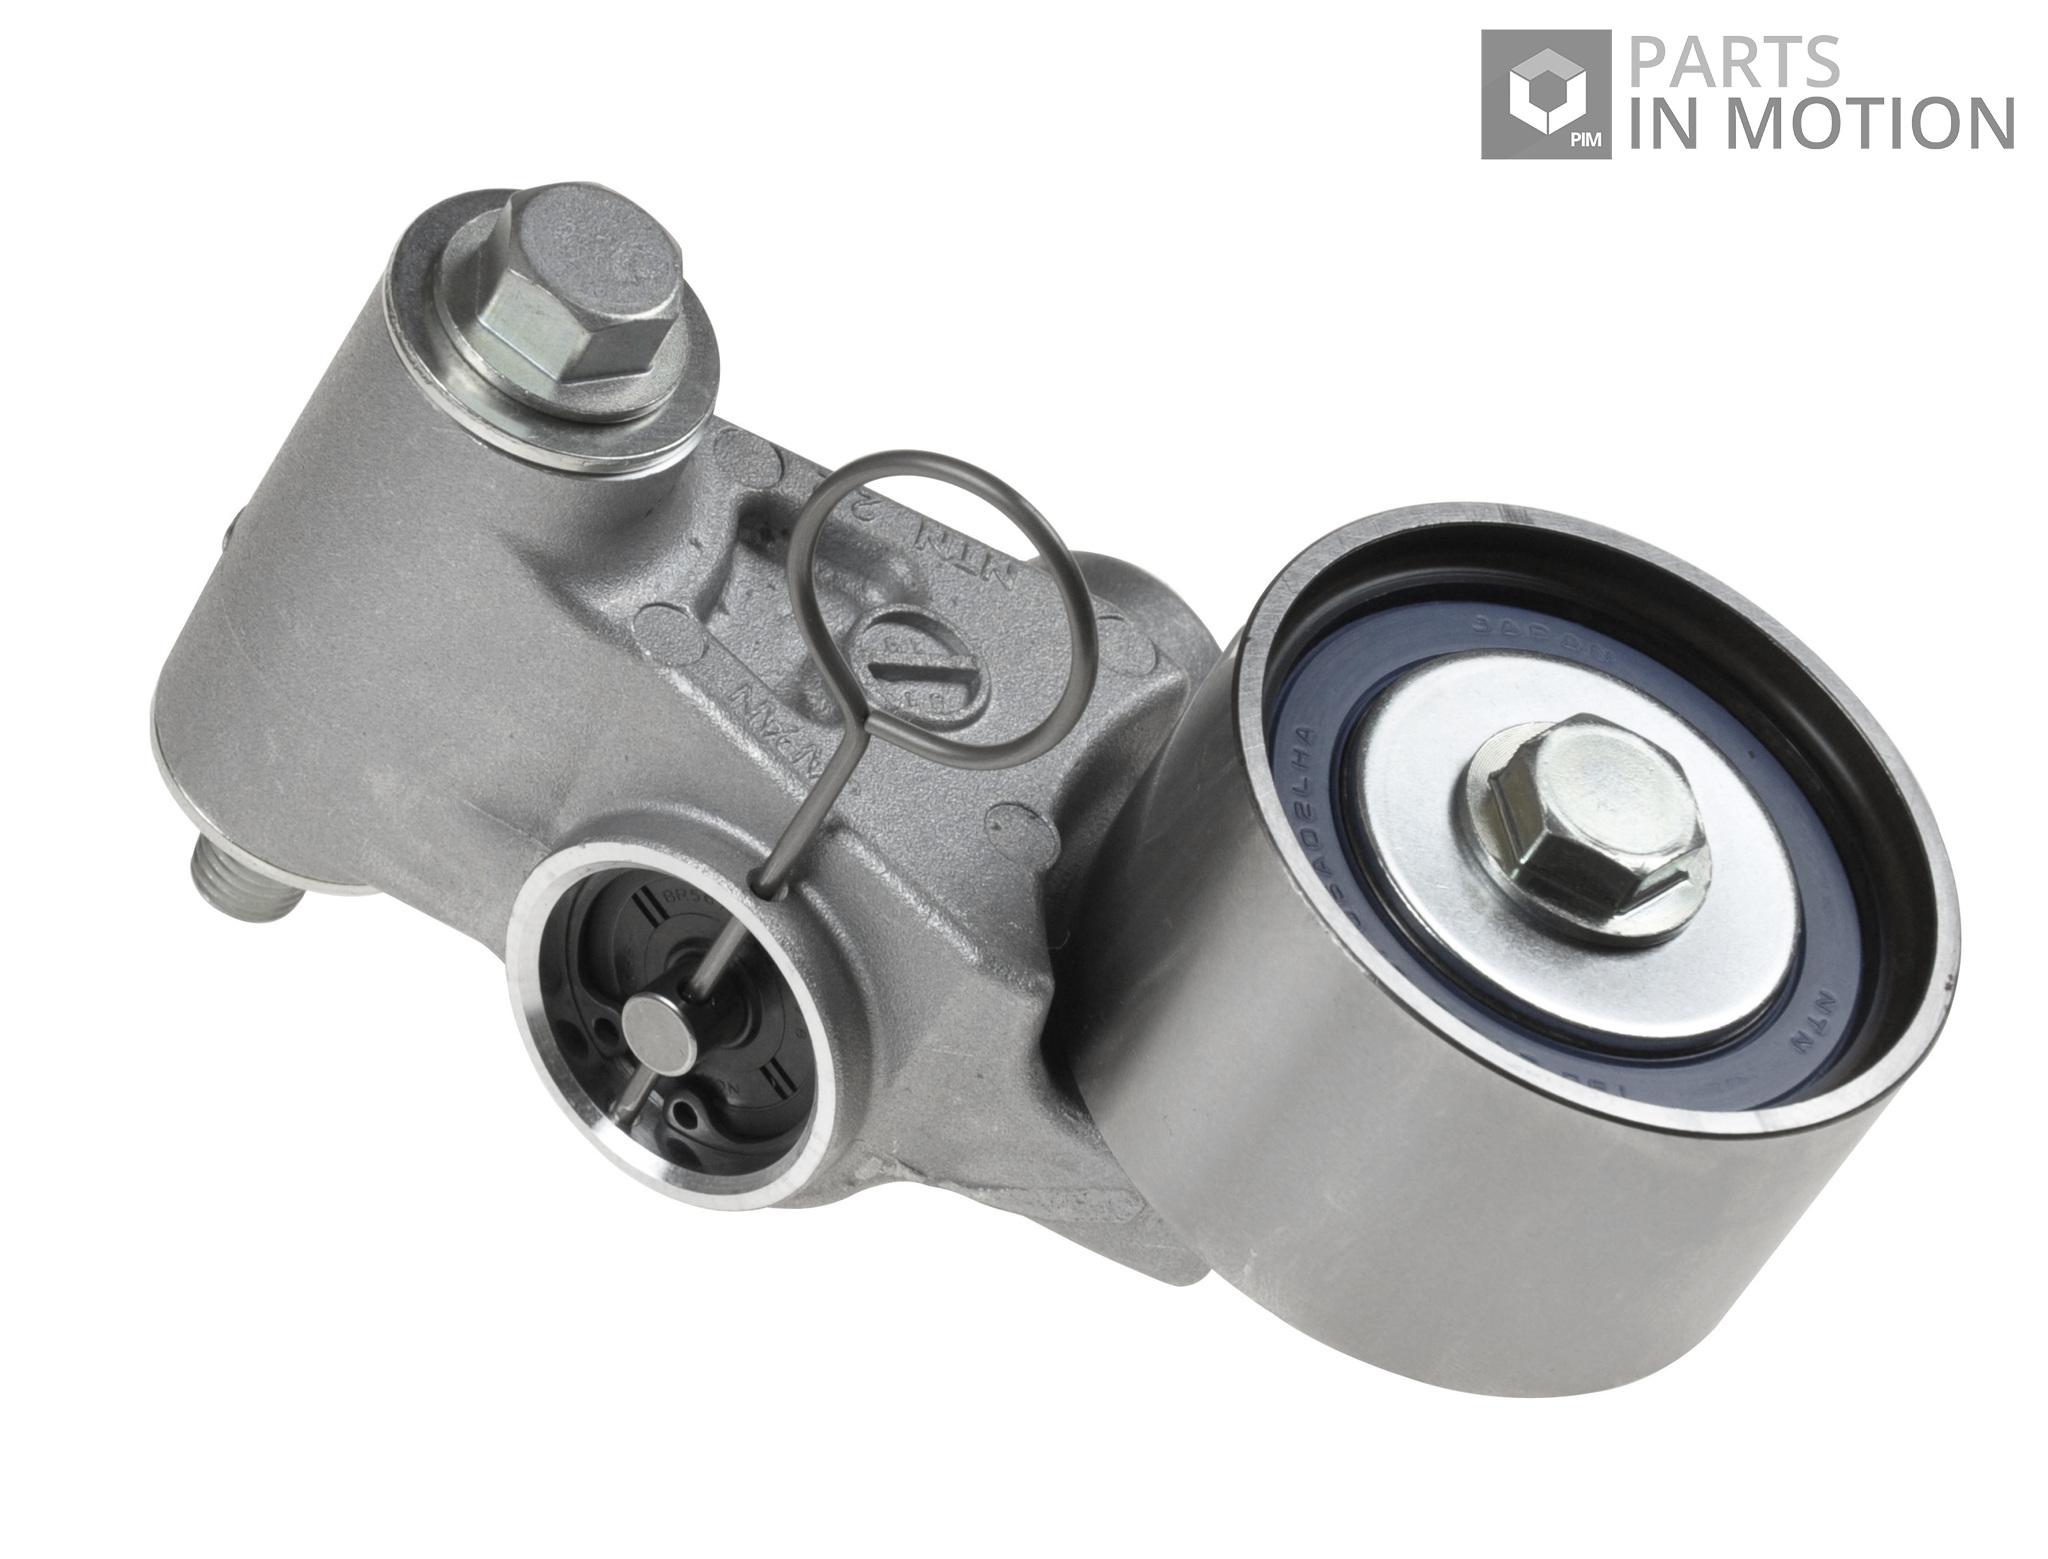 Timing Belt Tensioner Fits Subaru Legacy Mk3 20 98 To 03 Adl B4 Diagram 2